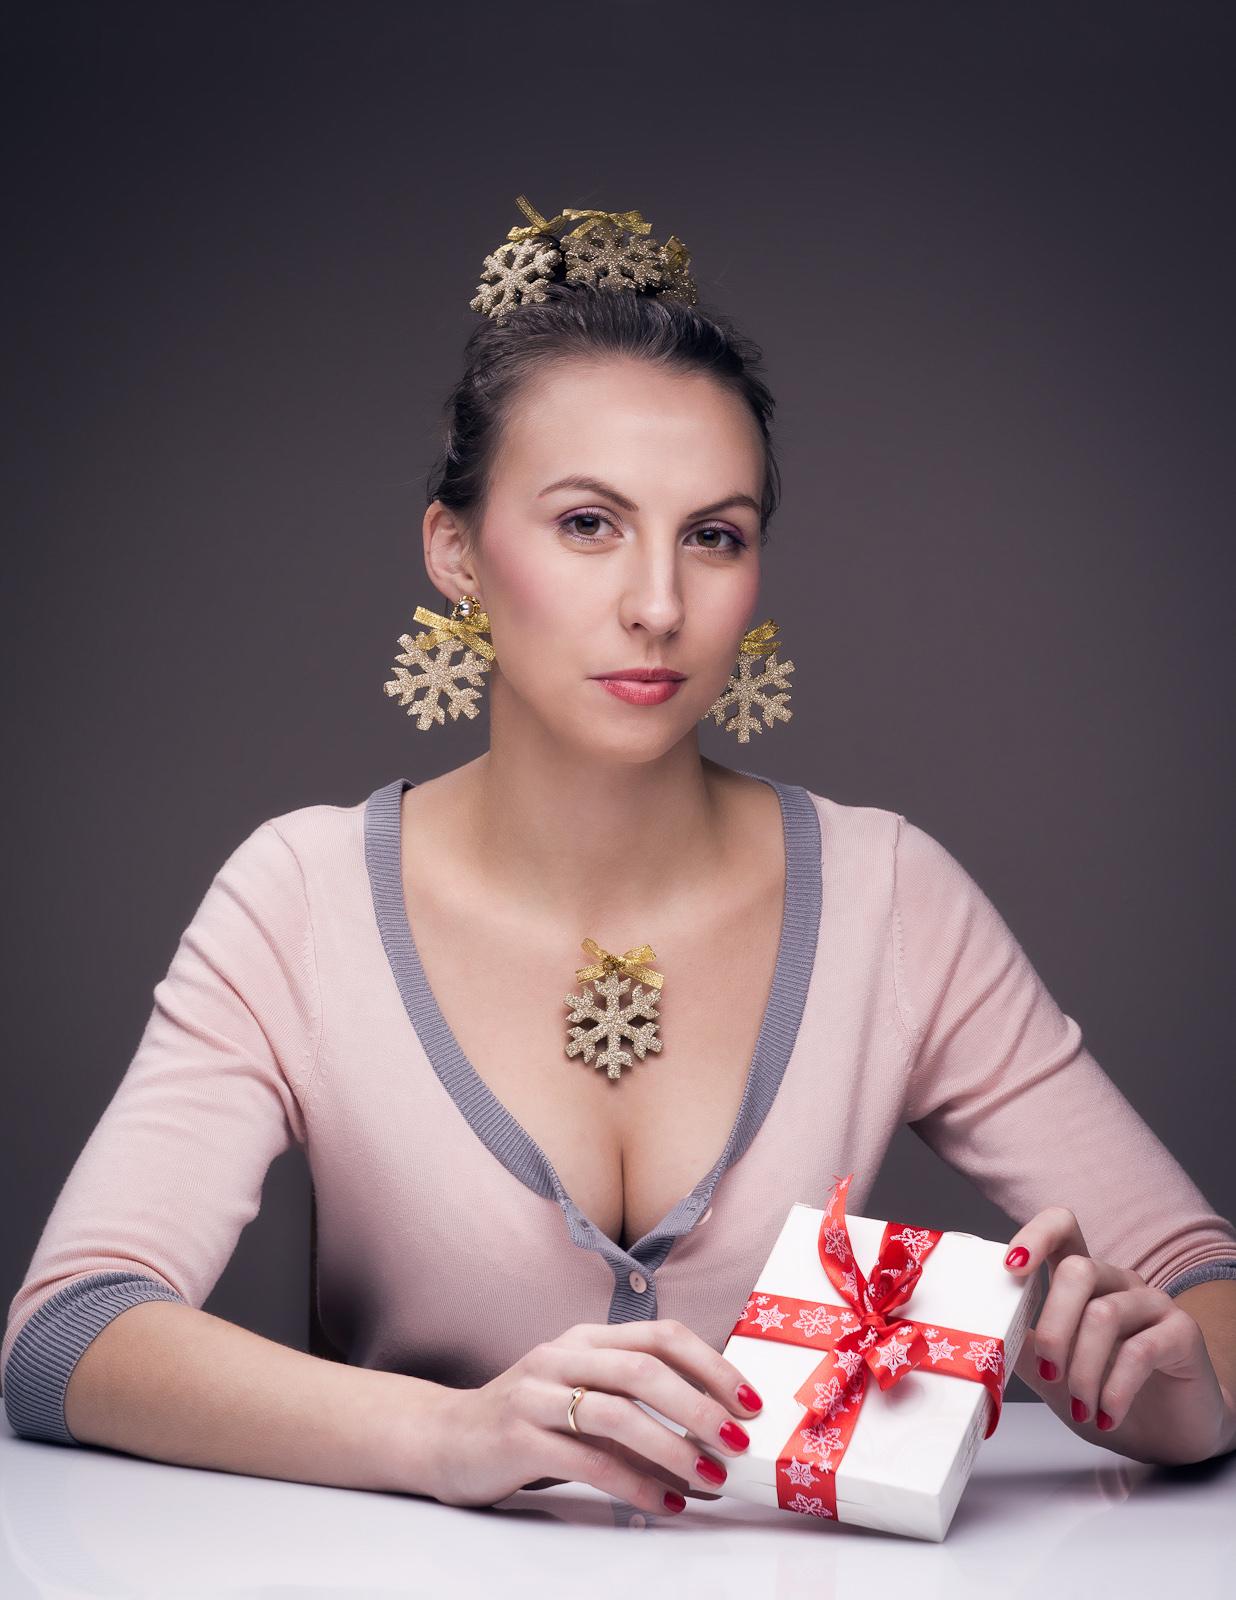 Koncepcyjna fotografia portretowa. Pierwsza gwiazdka. fot. Łukasz Cyrus